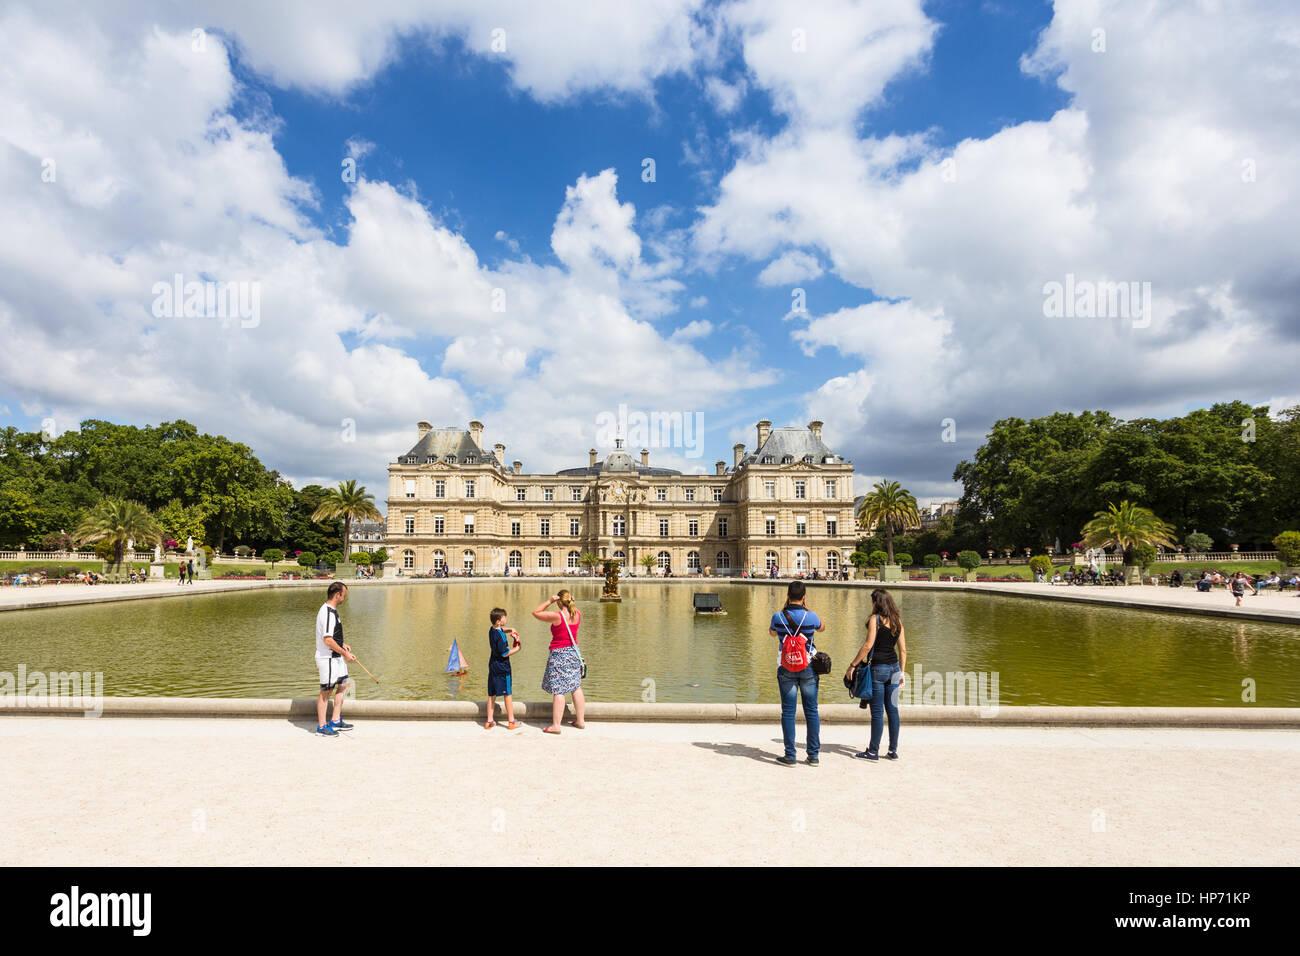 PARIS - 6. August 2016: Touristische genießen Blick auf das Palais du Luxembourg in Paris, Frankreich-Hauptstadt. Stockbild